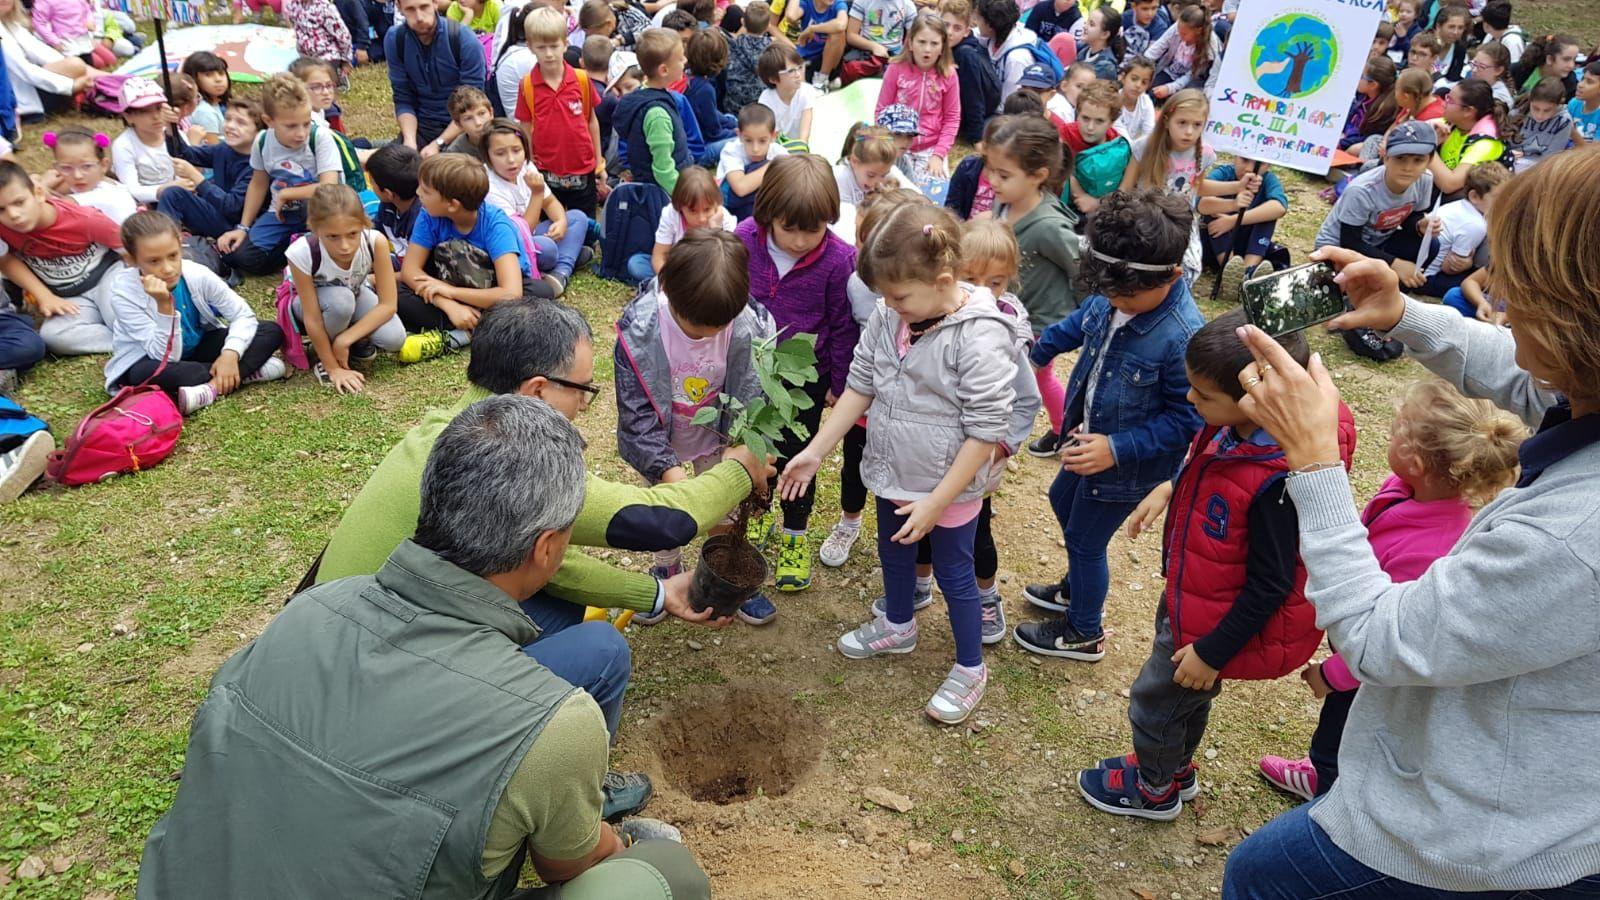 BELMONTE - «Fridays for Future»: i bimbi delle scuole piantano nuovi alberi nel bosco distrutto dagli incendi dolosi - FOTO e VIDEO